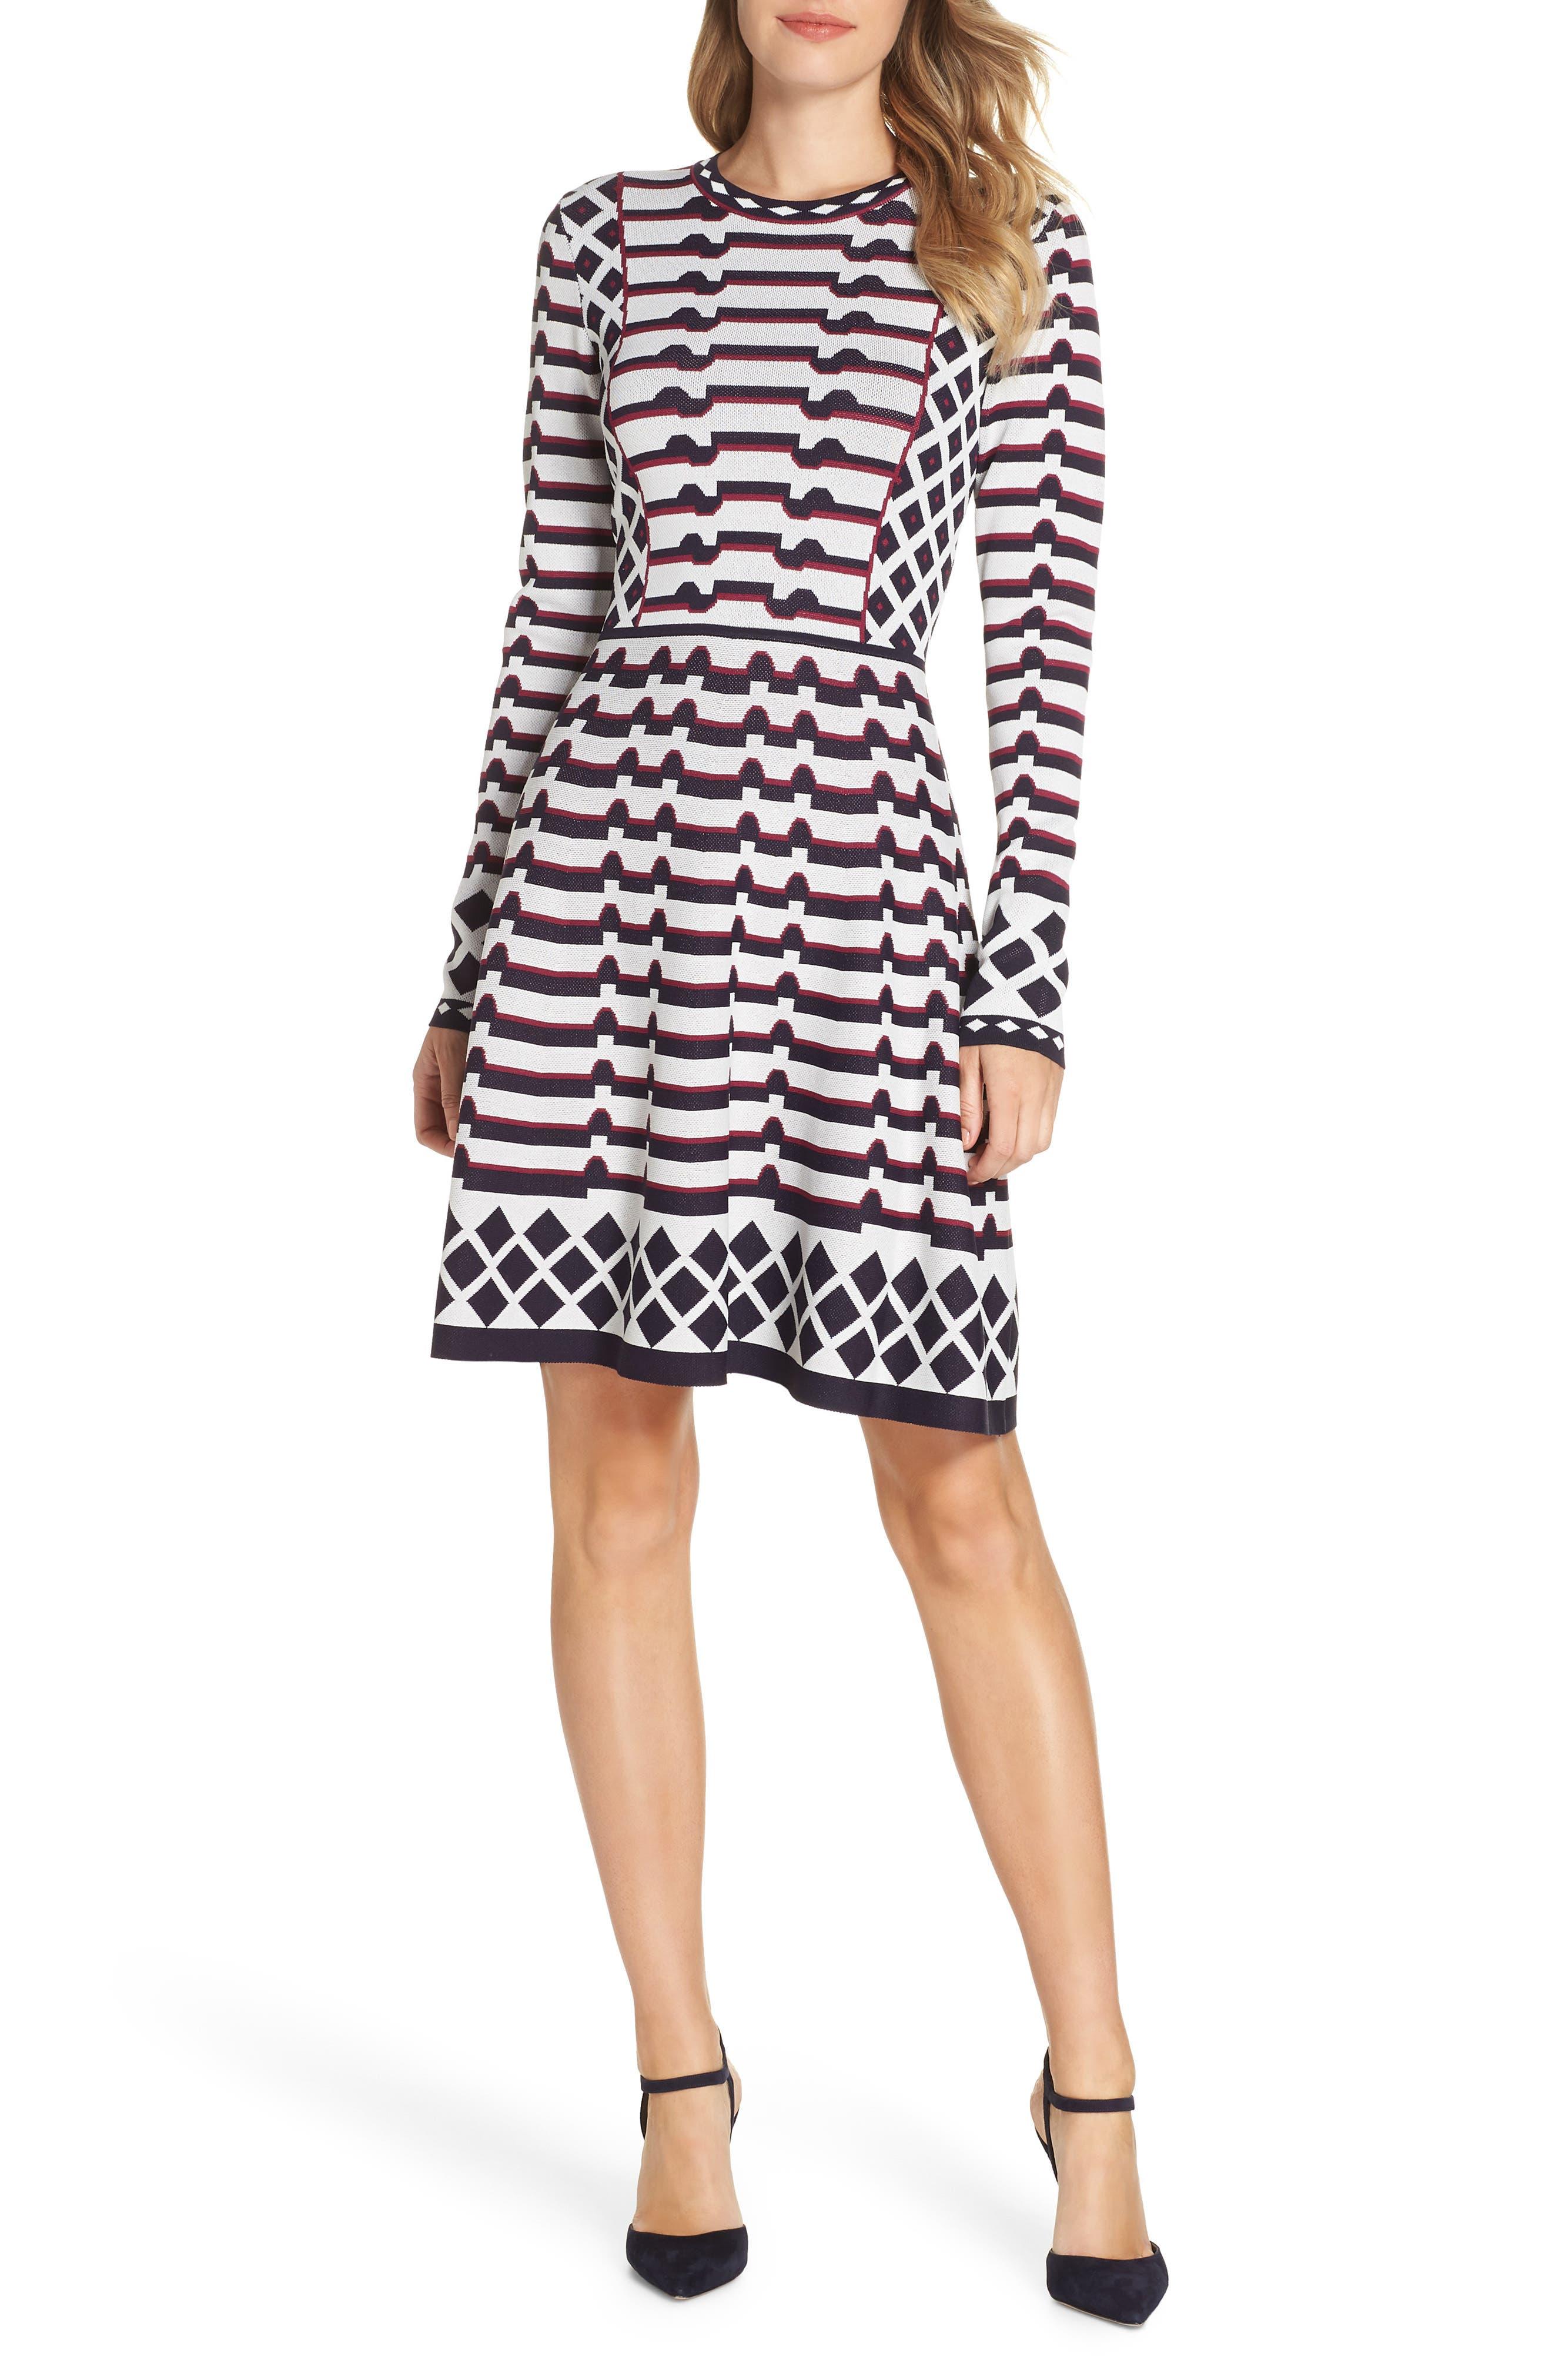 ELIZA J, Artwork Jacquard Sweater Dress, Main thumbnail 1, color, 410